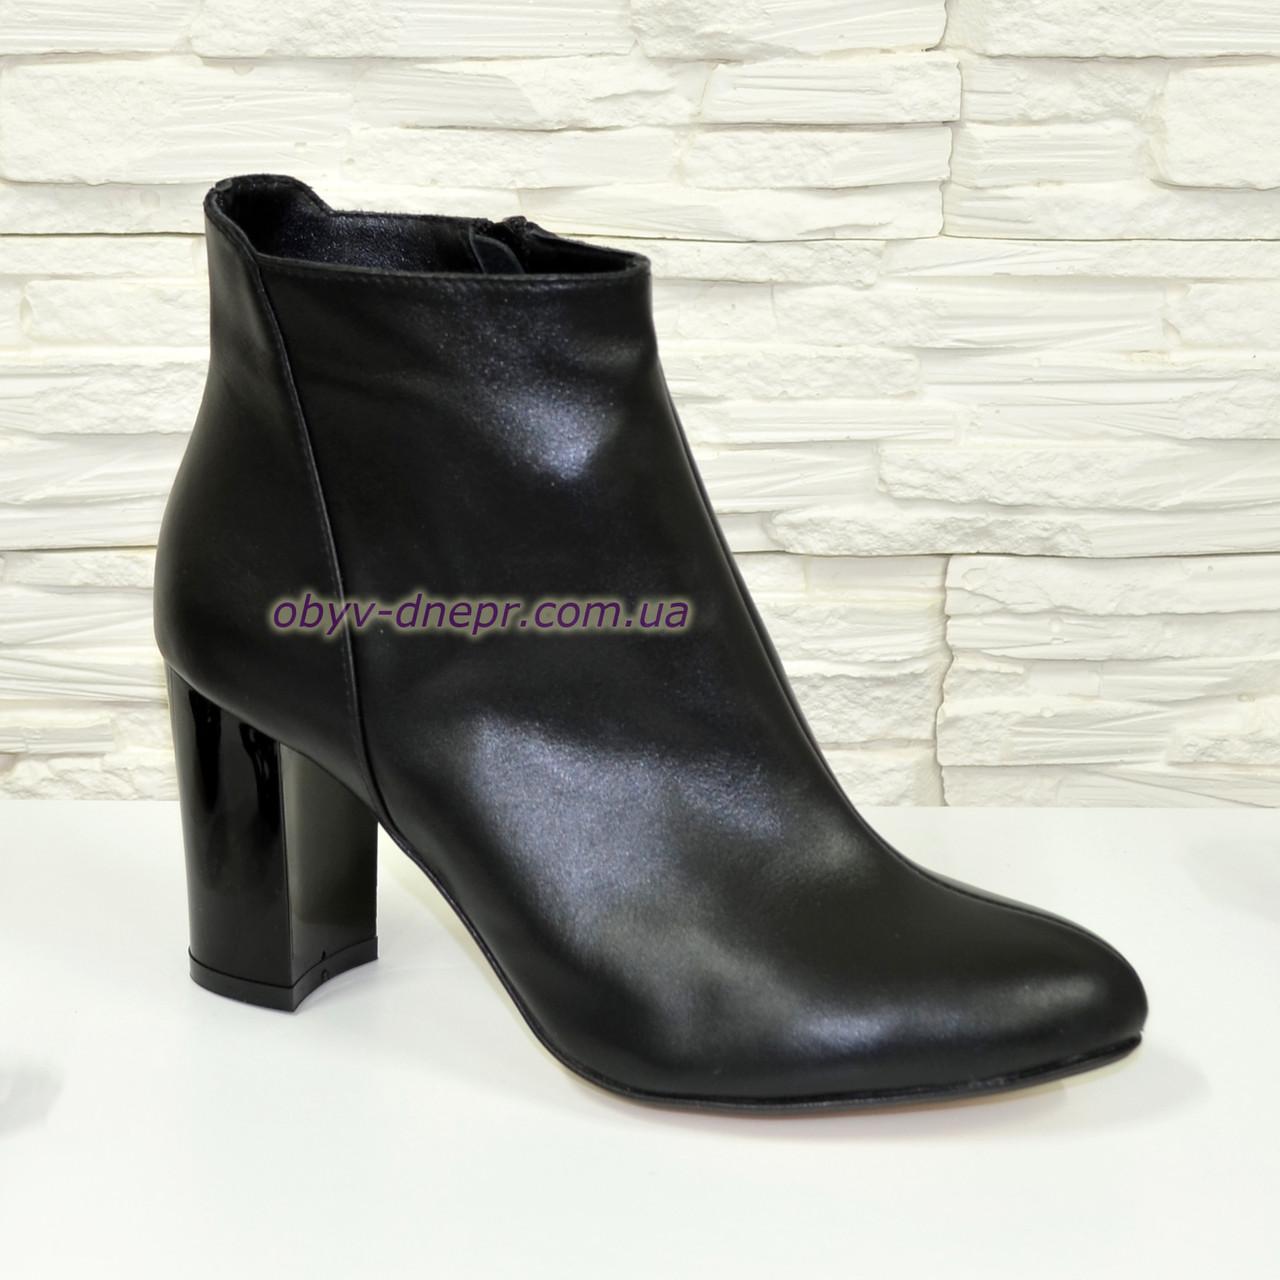 Ботинки женские   кожаные на устойчивом каблуке